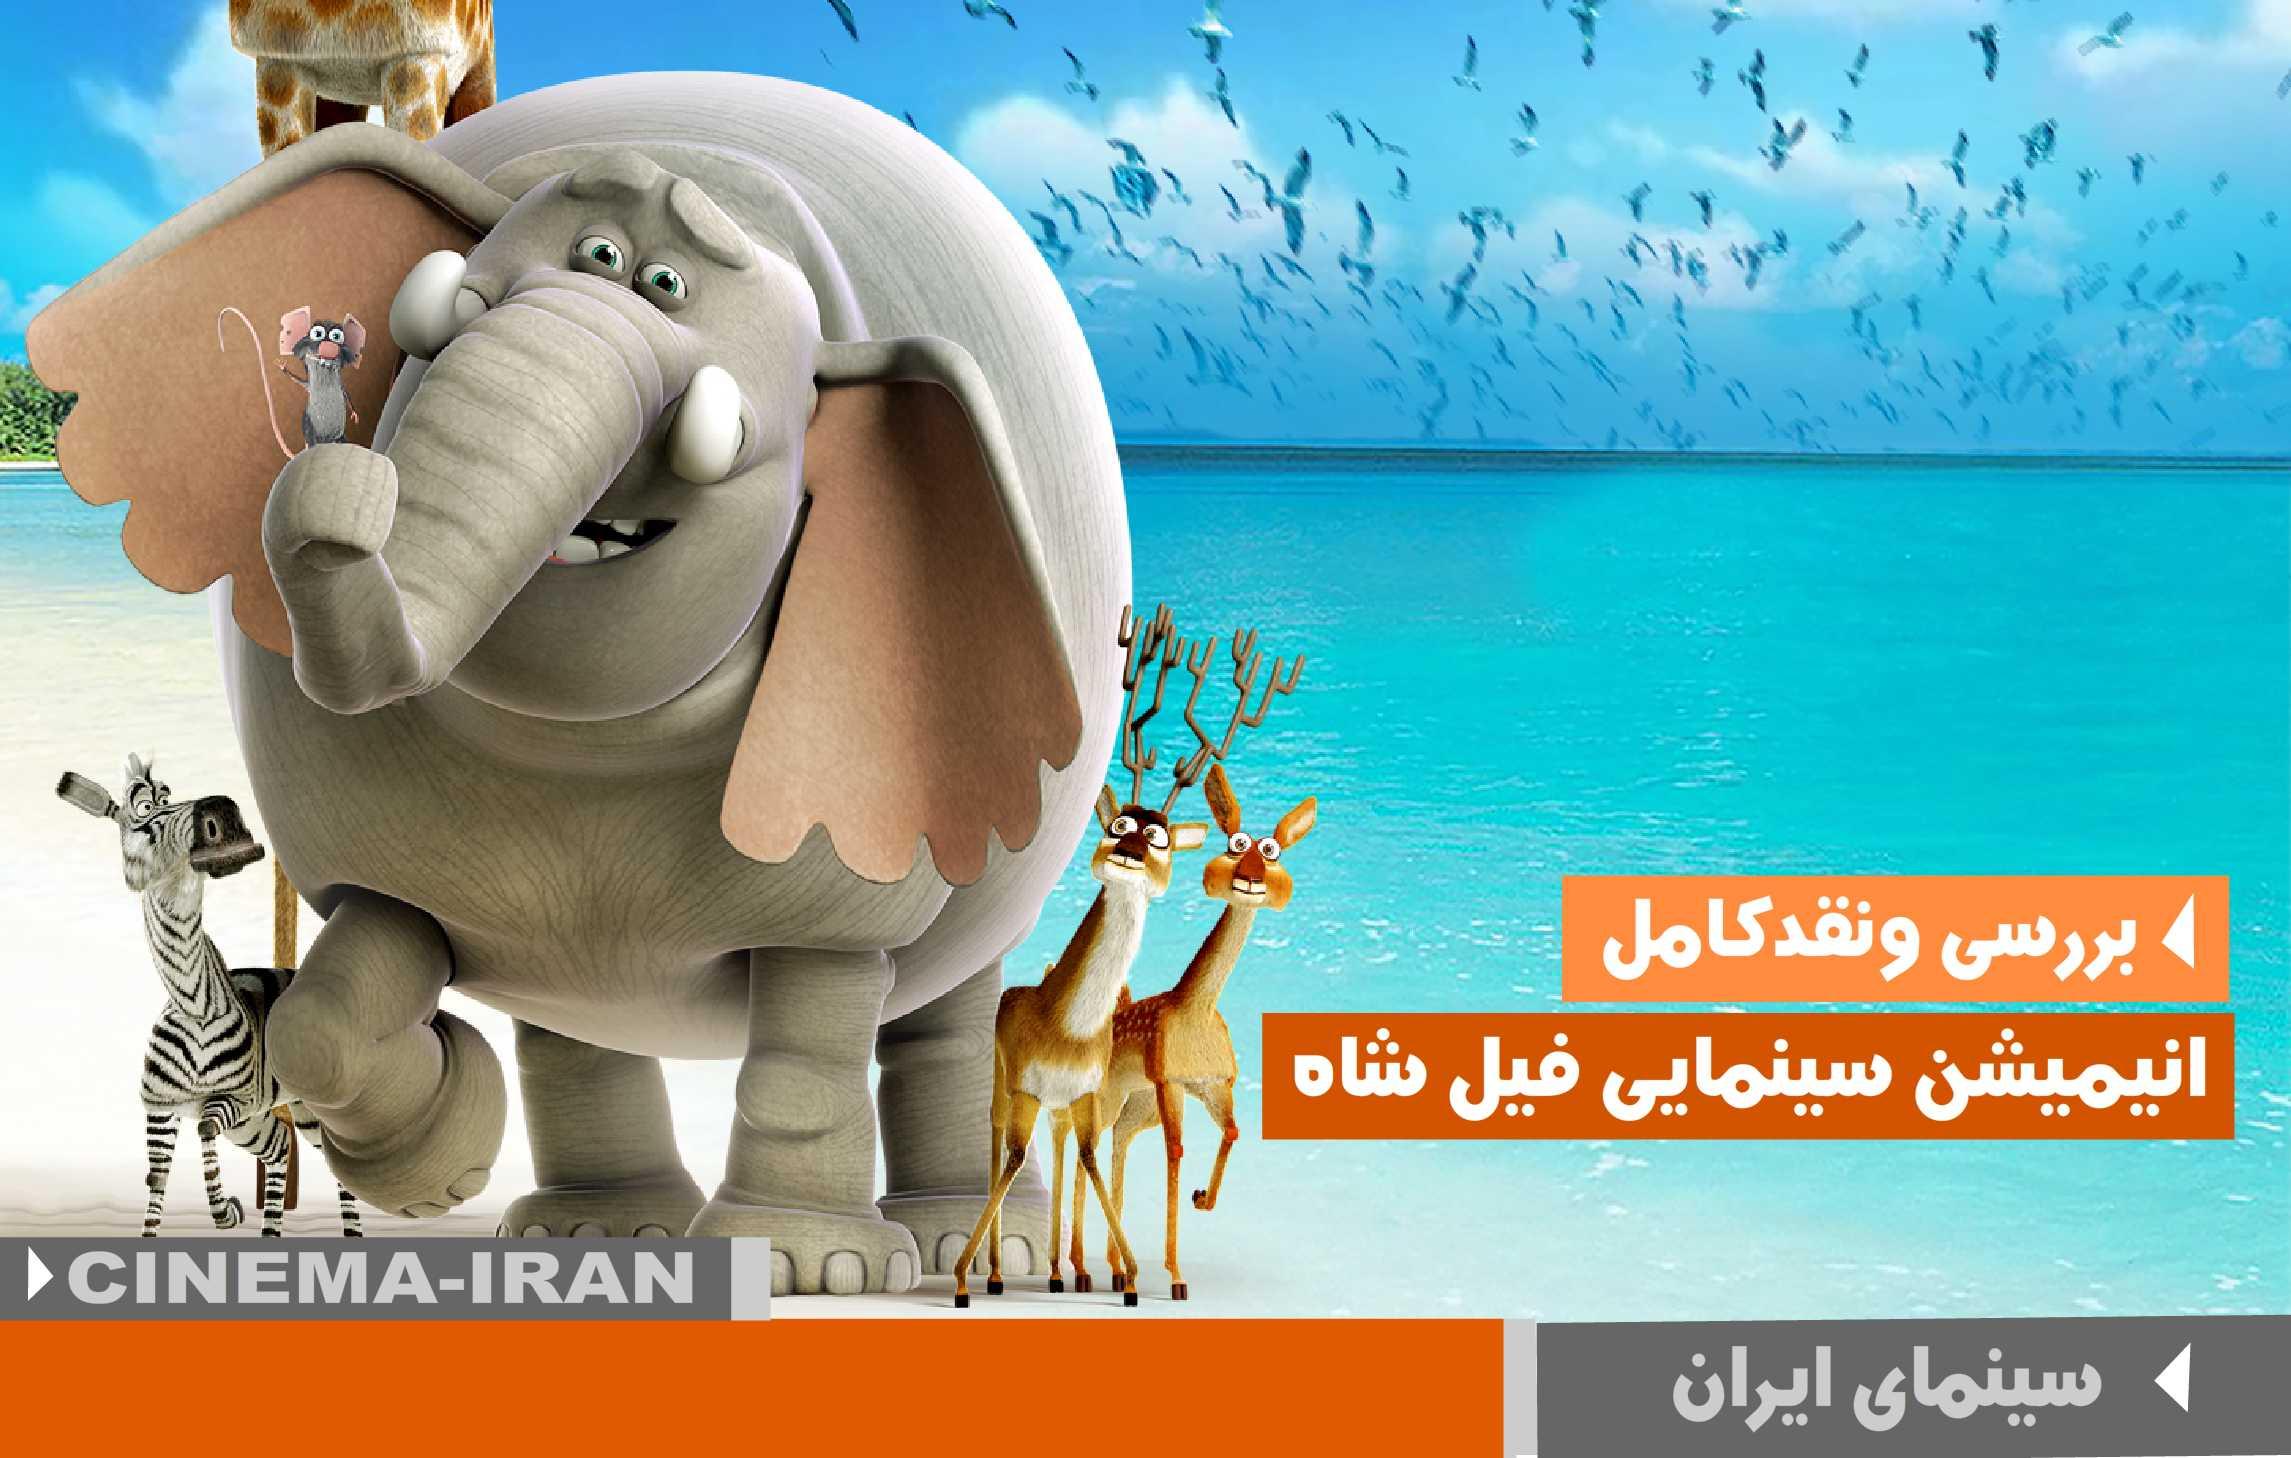 بررسی و نقد انیمیشن فیل شاه